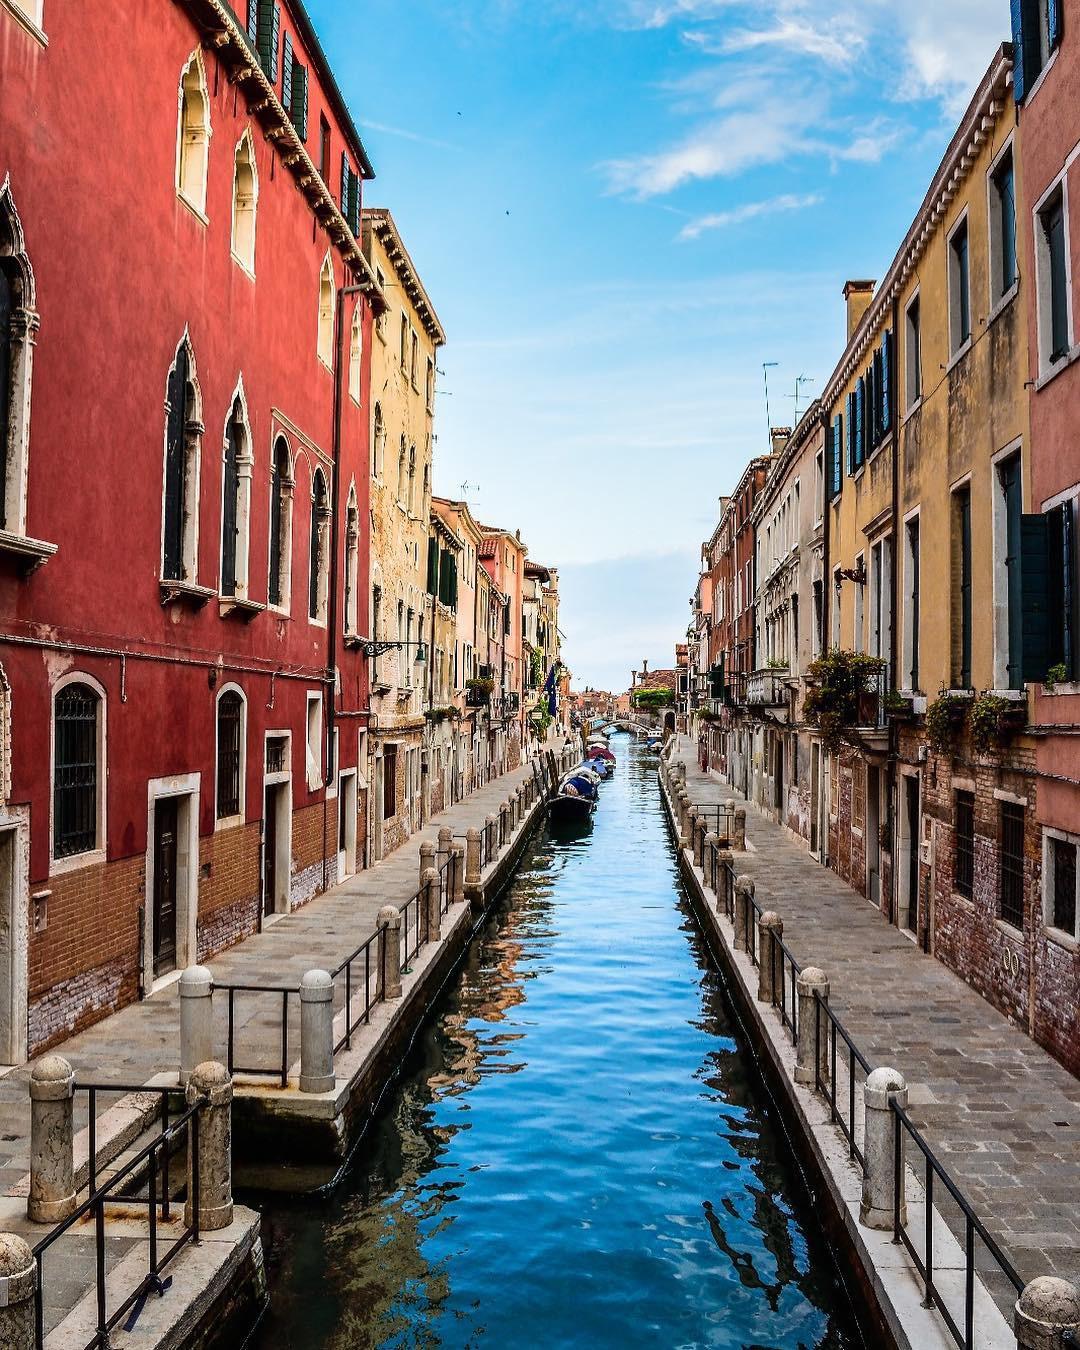 Những luật cấm kì lạ du khách cần lưu ý khi đến Venice - Ảnh 3.